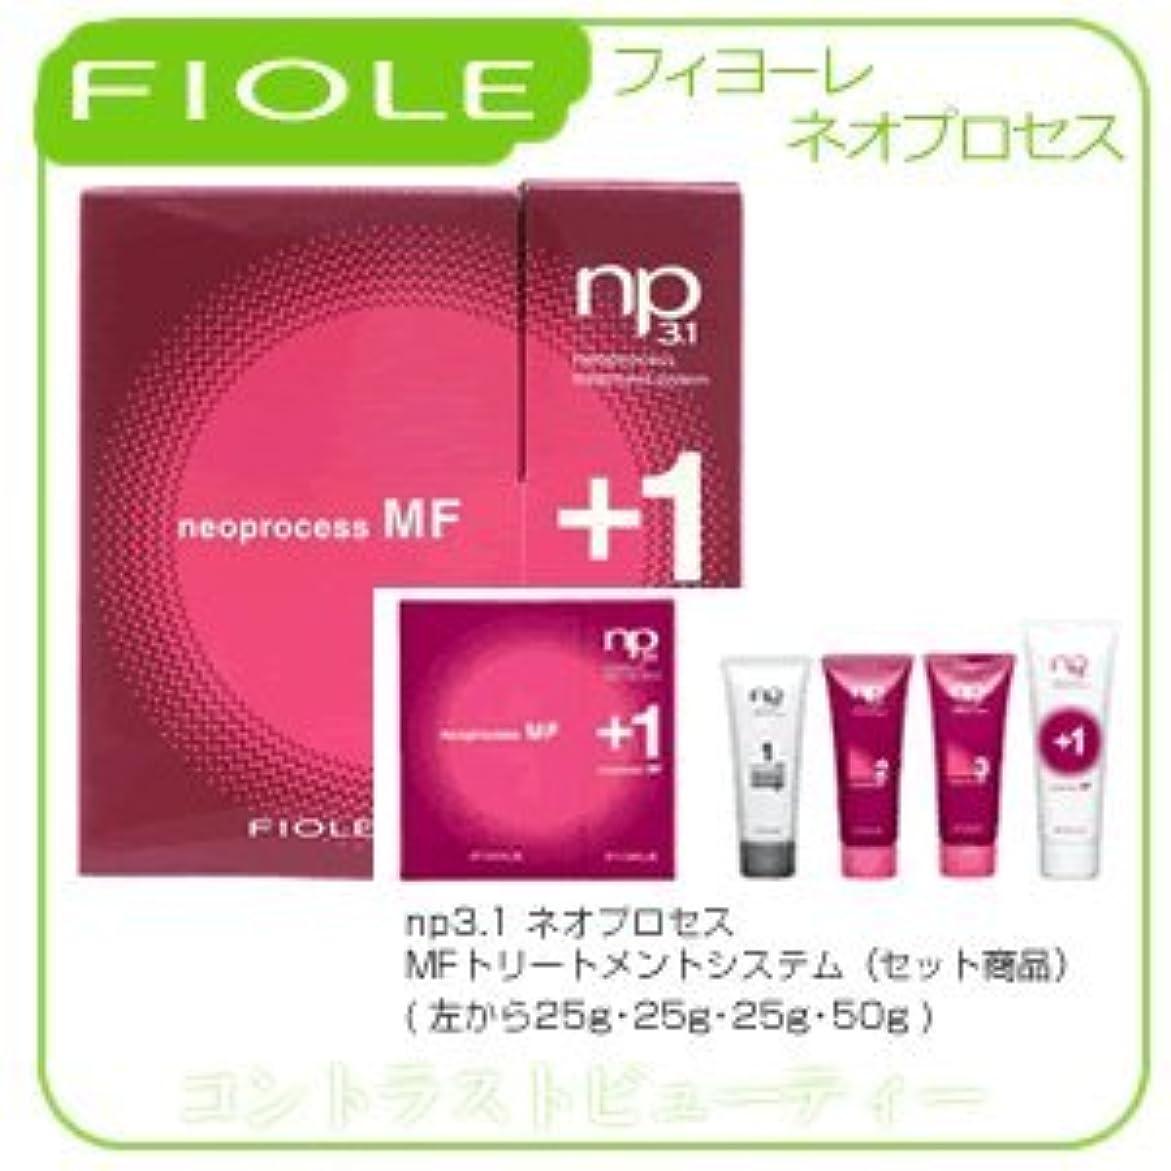 ぼかし転倒厄介なフィヨーレ NP3.1 ネオプロセス MF トリートメントシステム FIOLE ネオプロセス